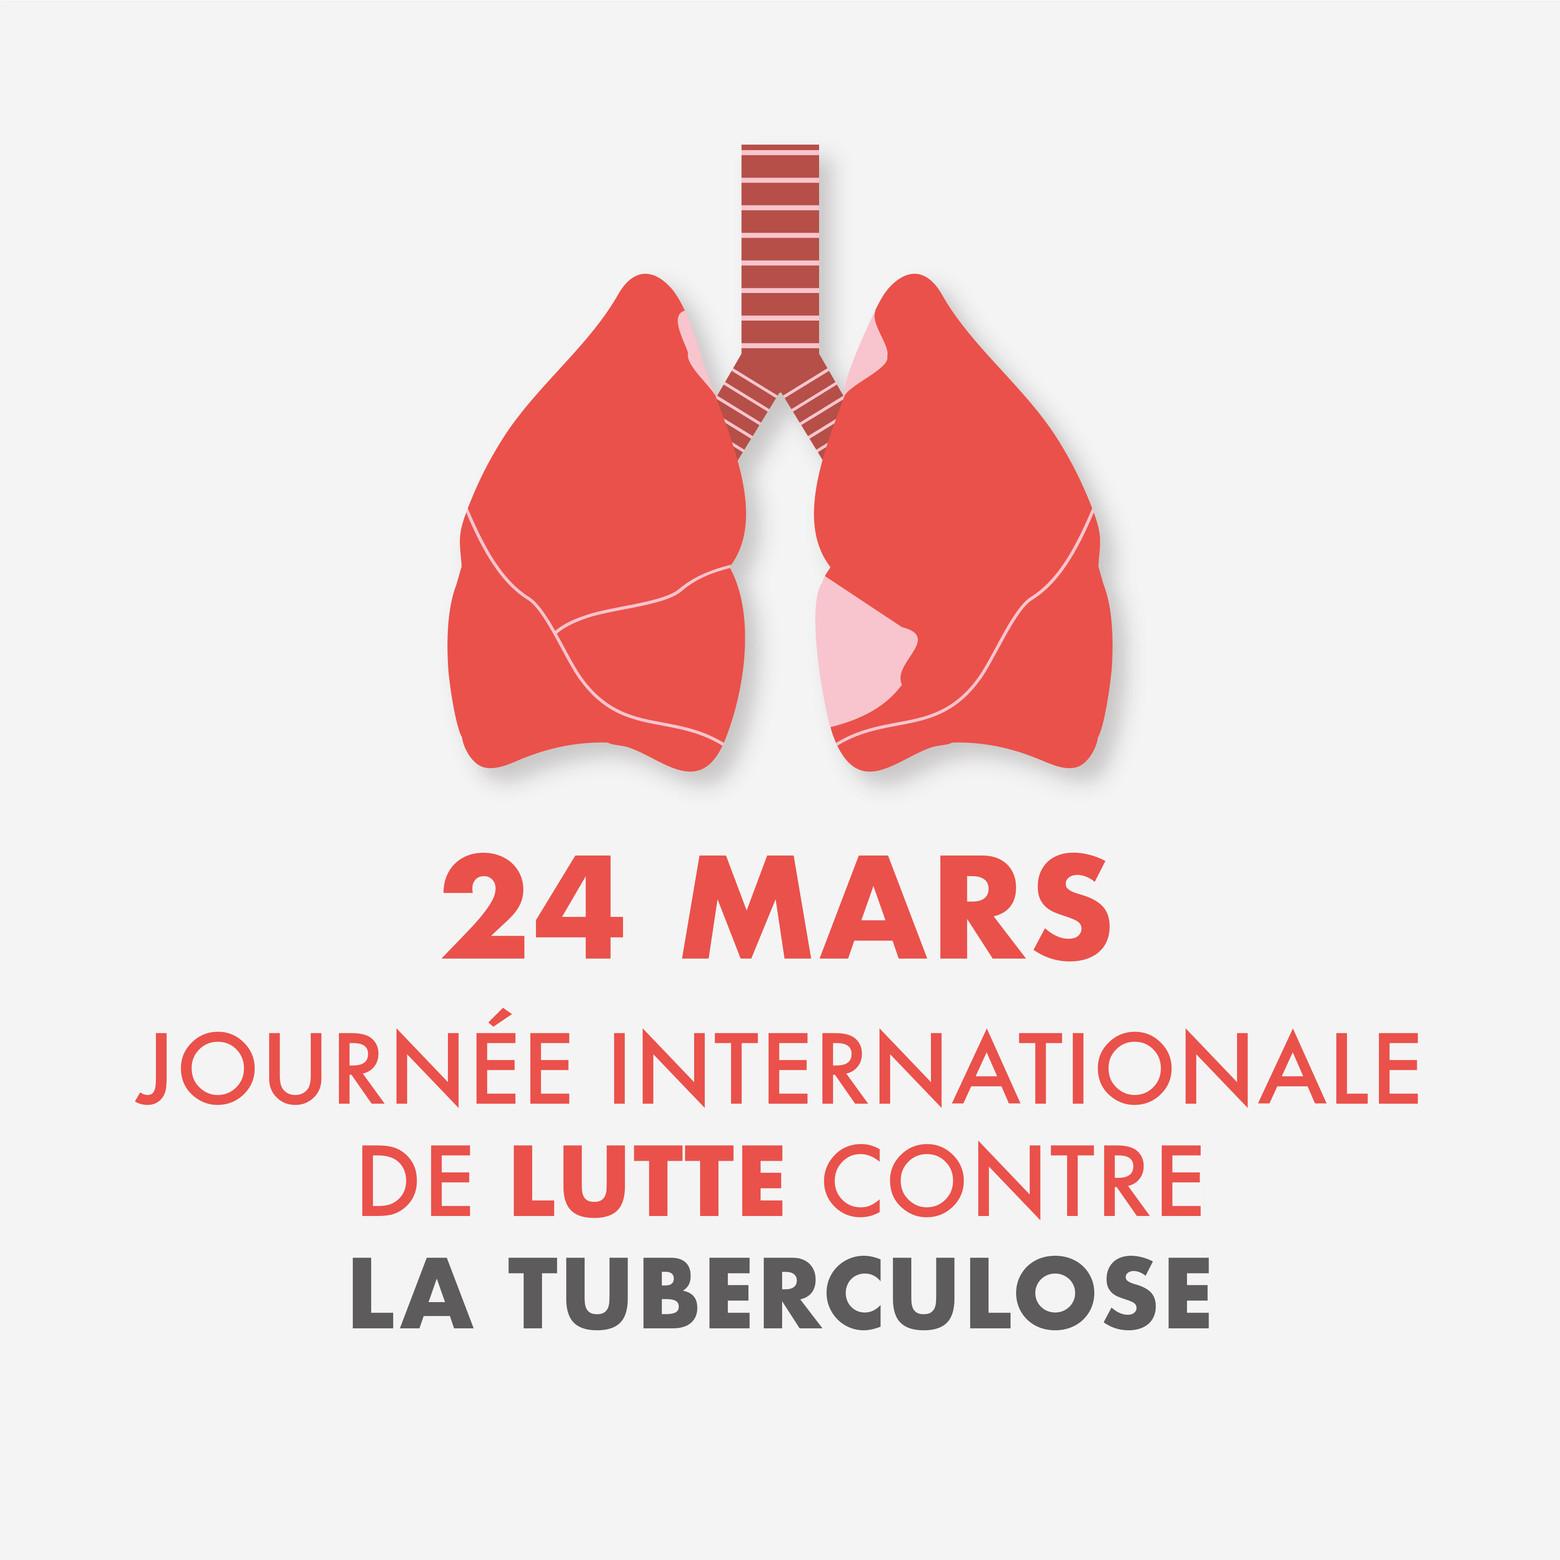 Journée Internationale de la lutte contre la Tuberculose - Blog santé -  Espace patients - Laboratoires Ketterthill